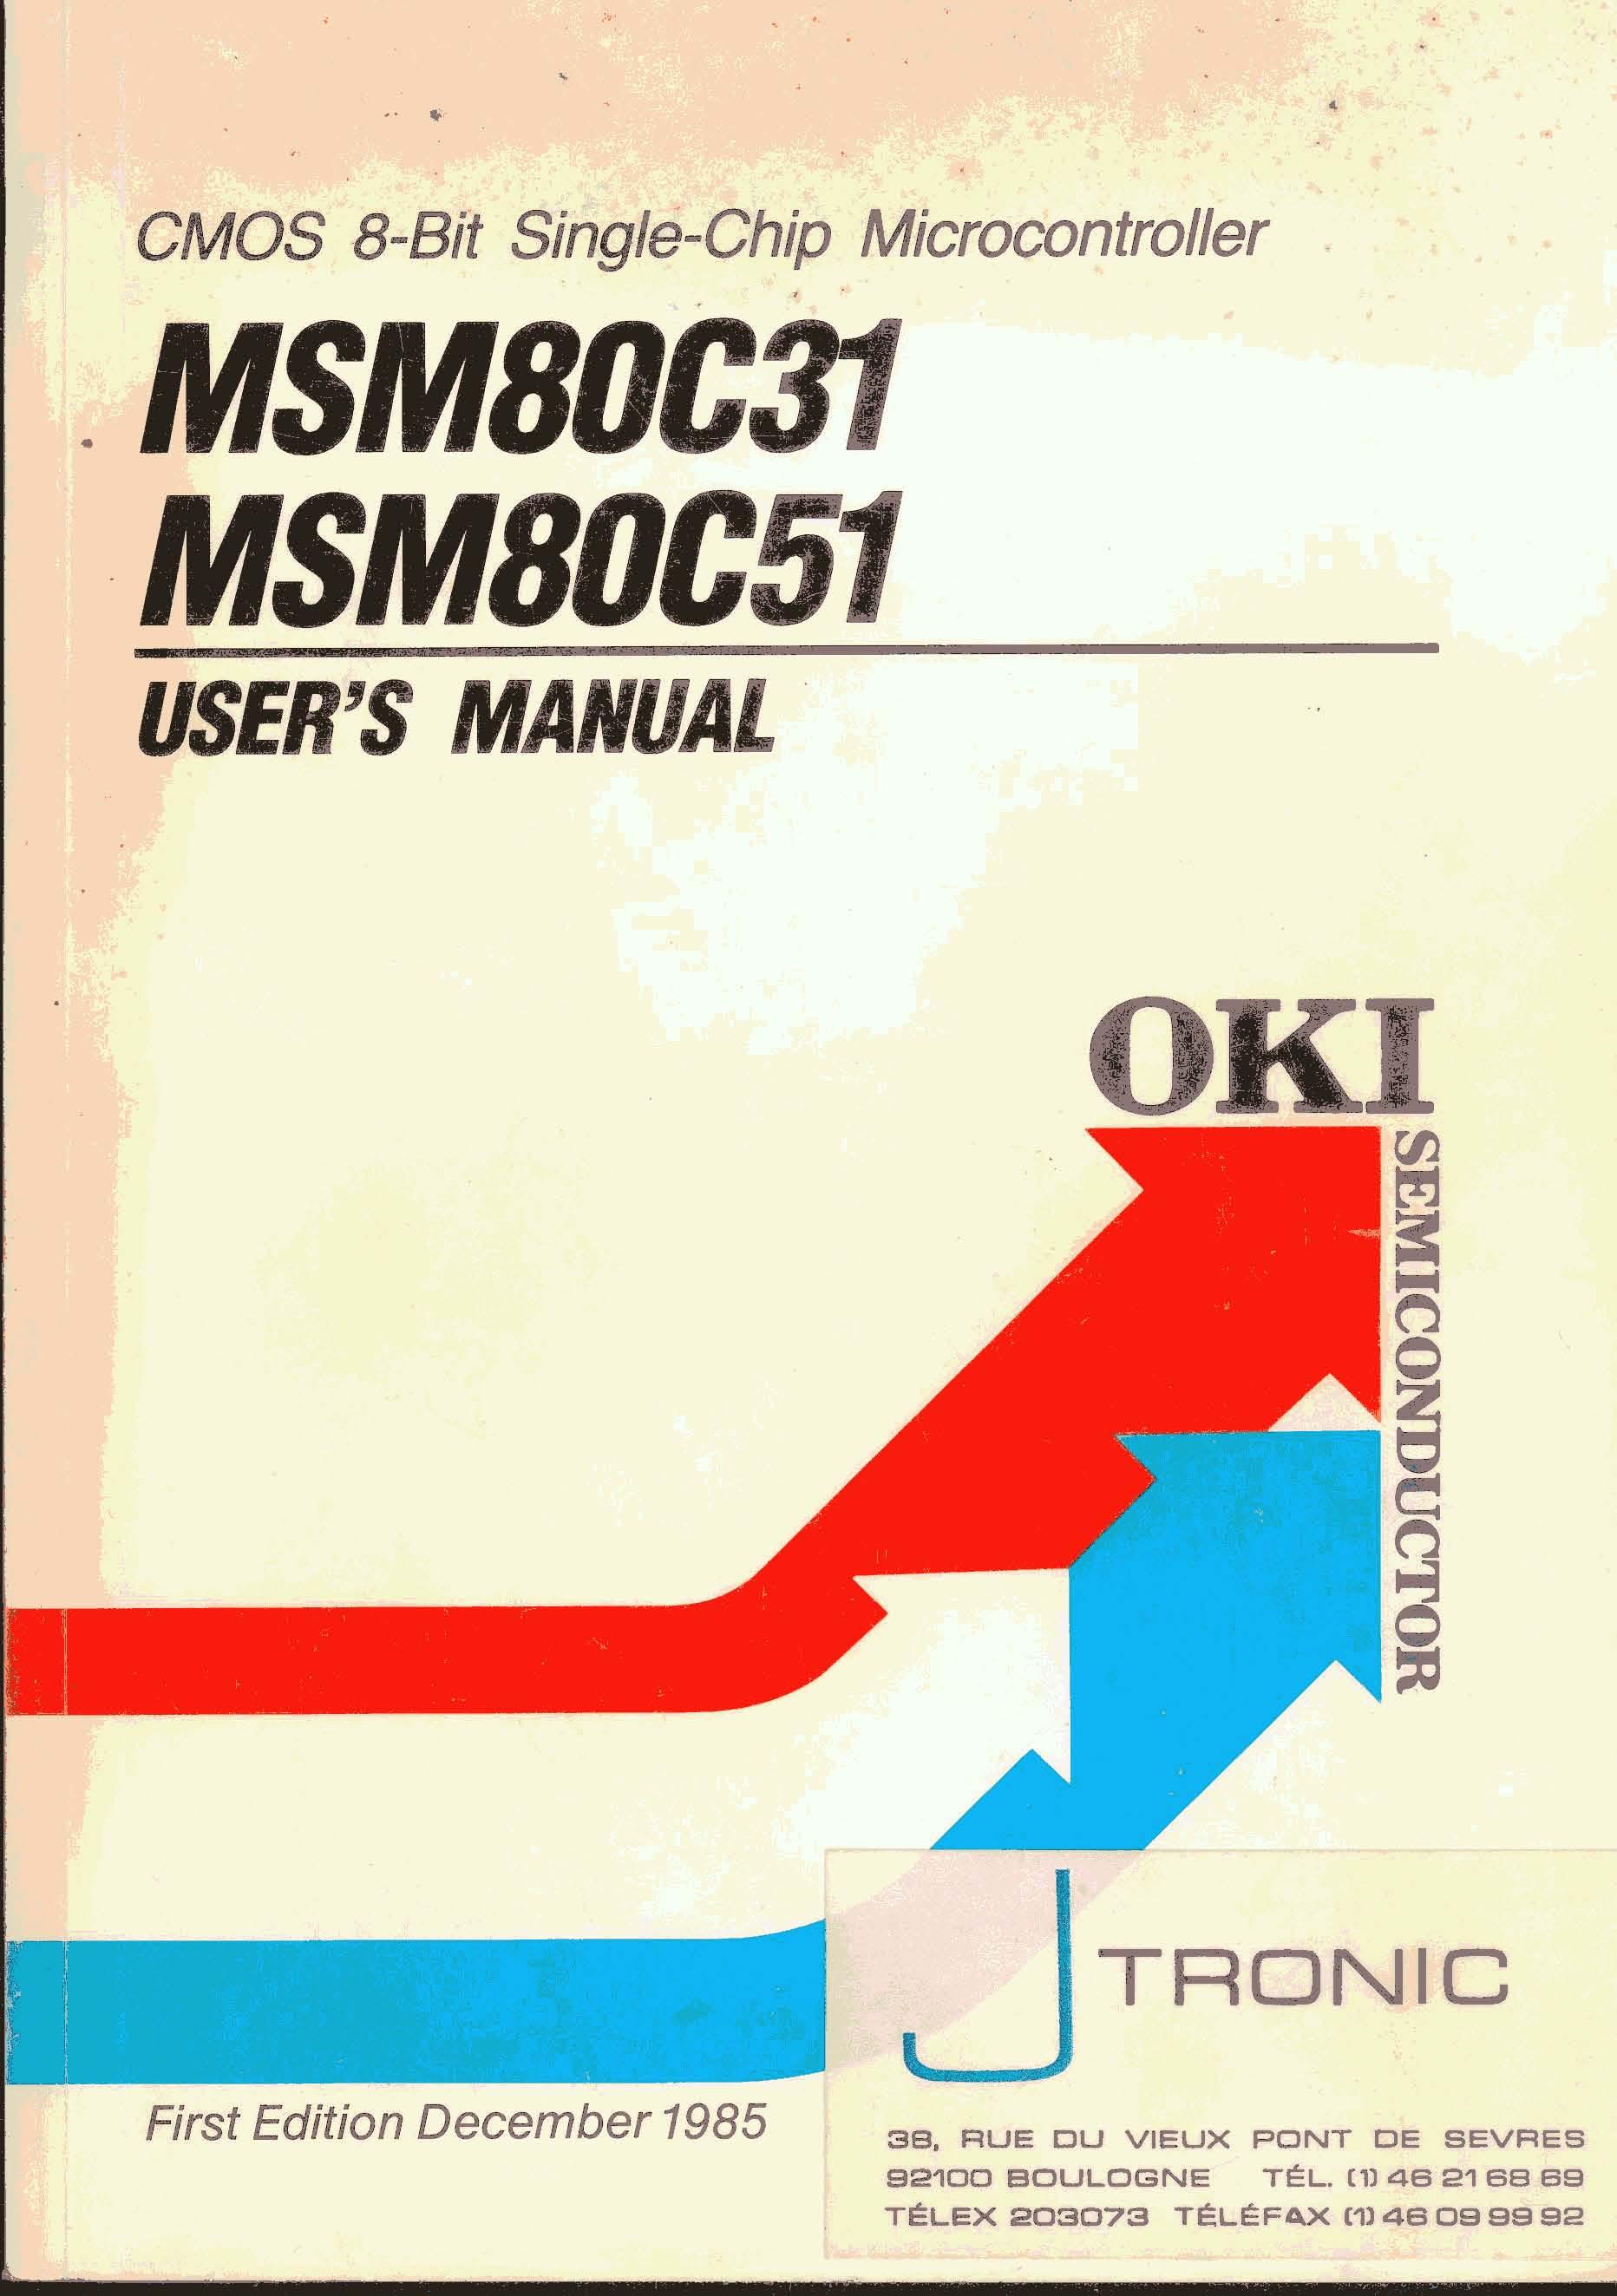 oki cmos 8 bit single chip microcontroller msm80c31 msm80c51 rh matthieu benoit free fr oki c321dn user manual oki mc332 user manual